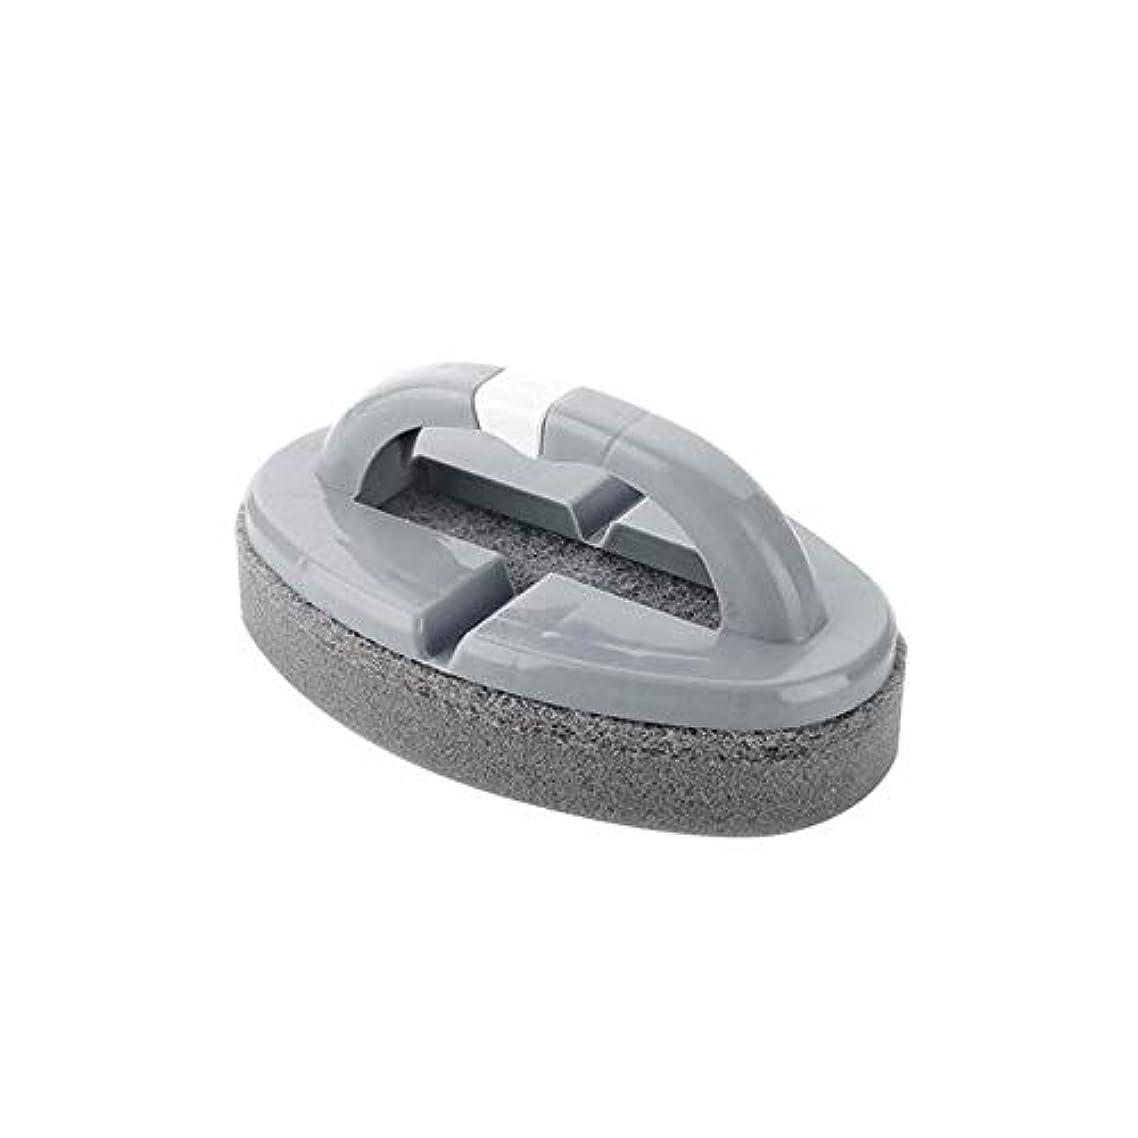 男らしさ水素絡まるポアクリーニング 折りたたみスポンジハンドル付きハンドルバスルームタイルクリーニングブラシ2 PCS マッサージブラシ (色 : C)